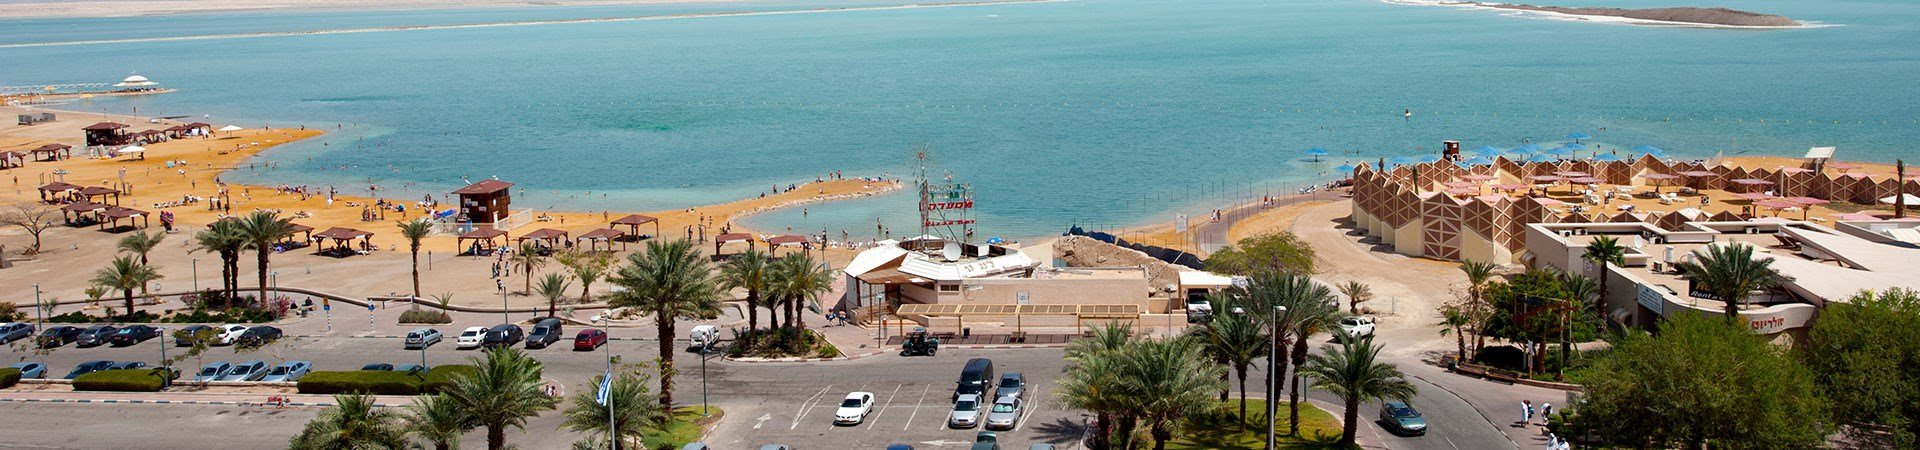 נוף ים המלח